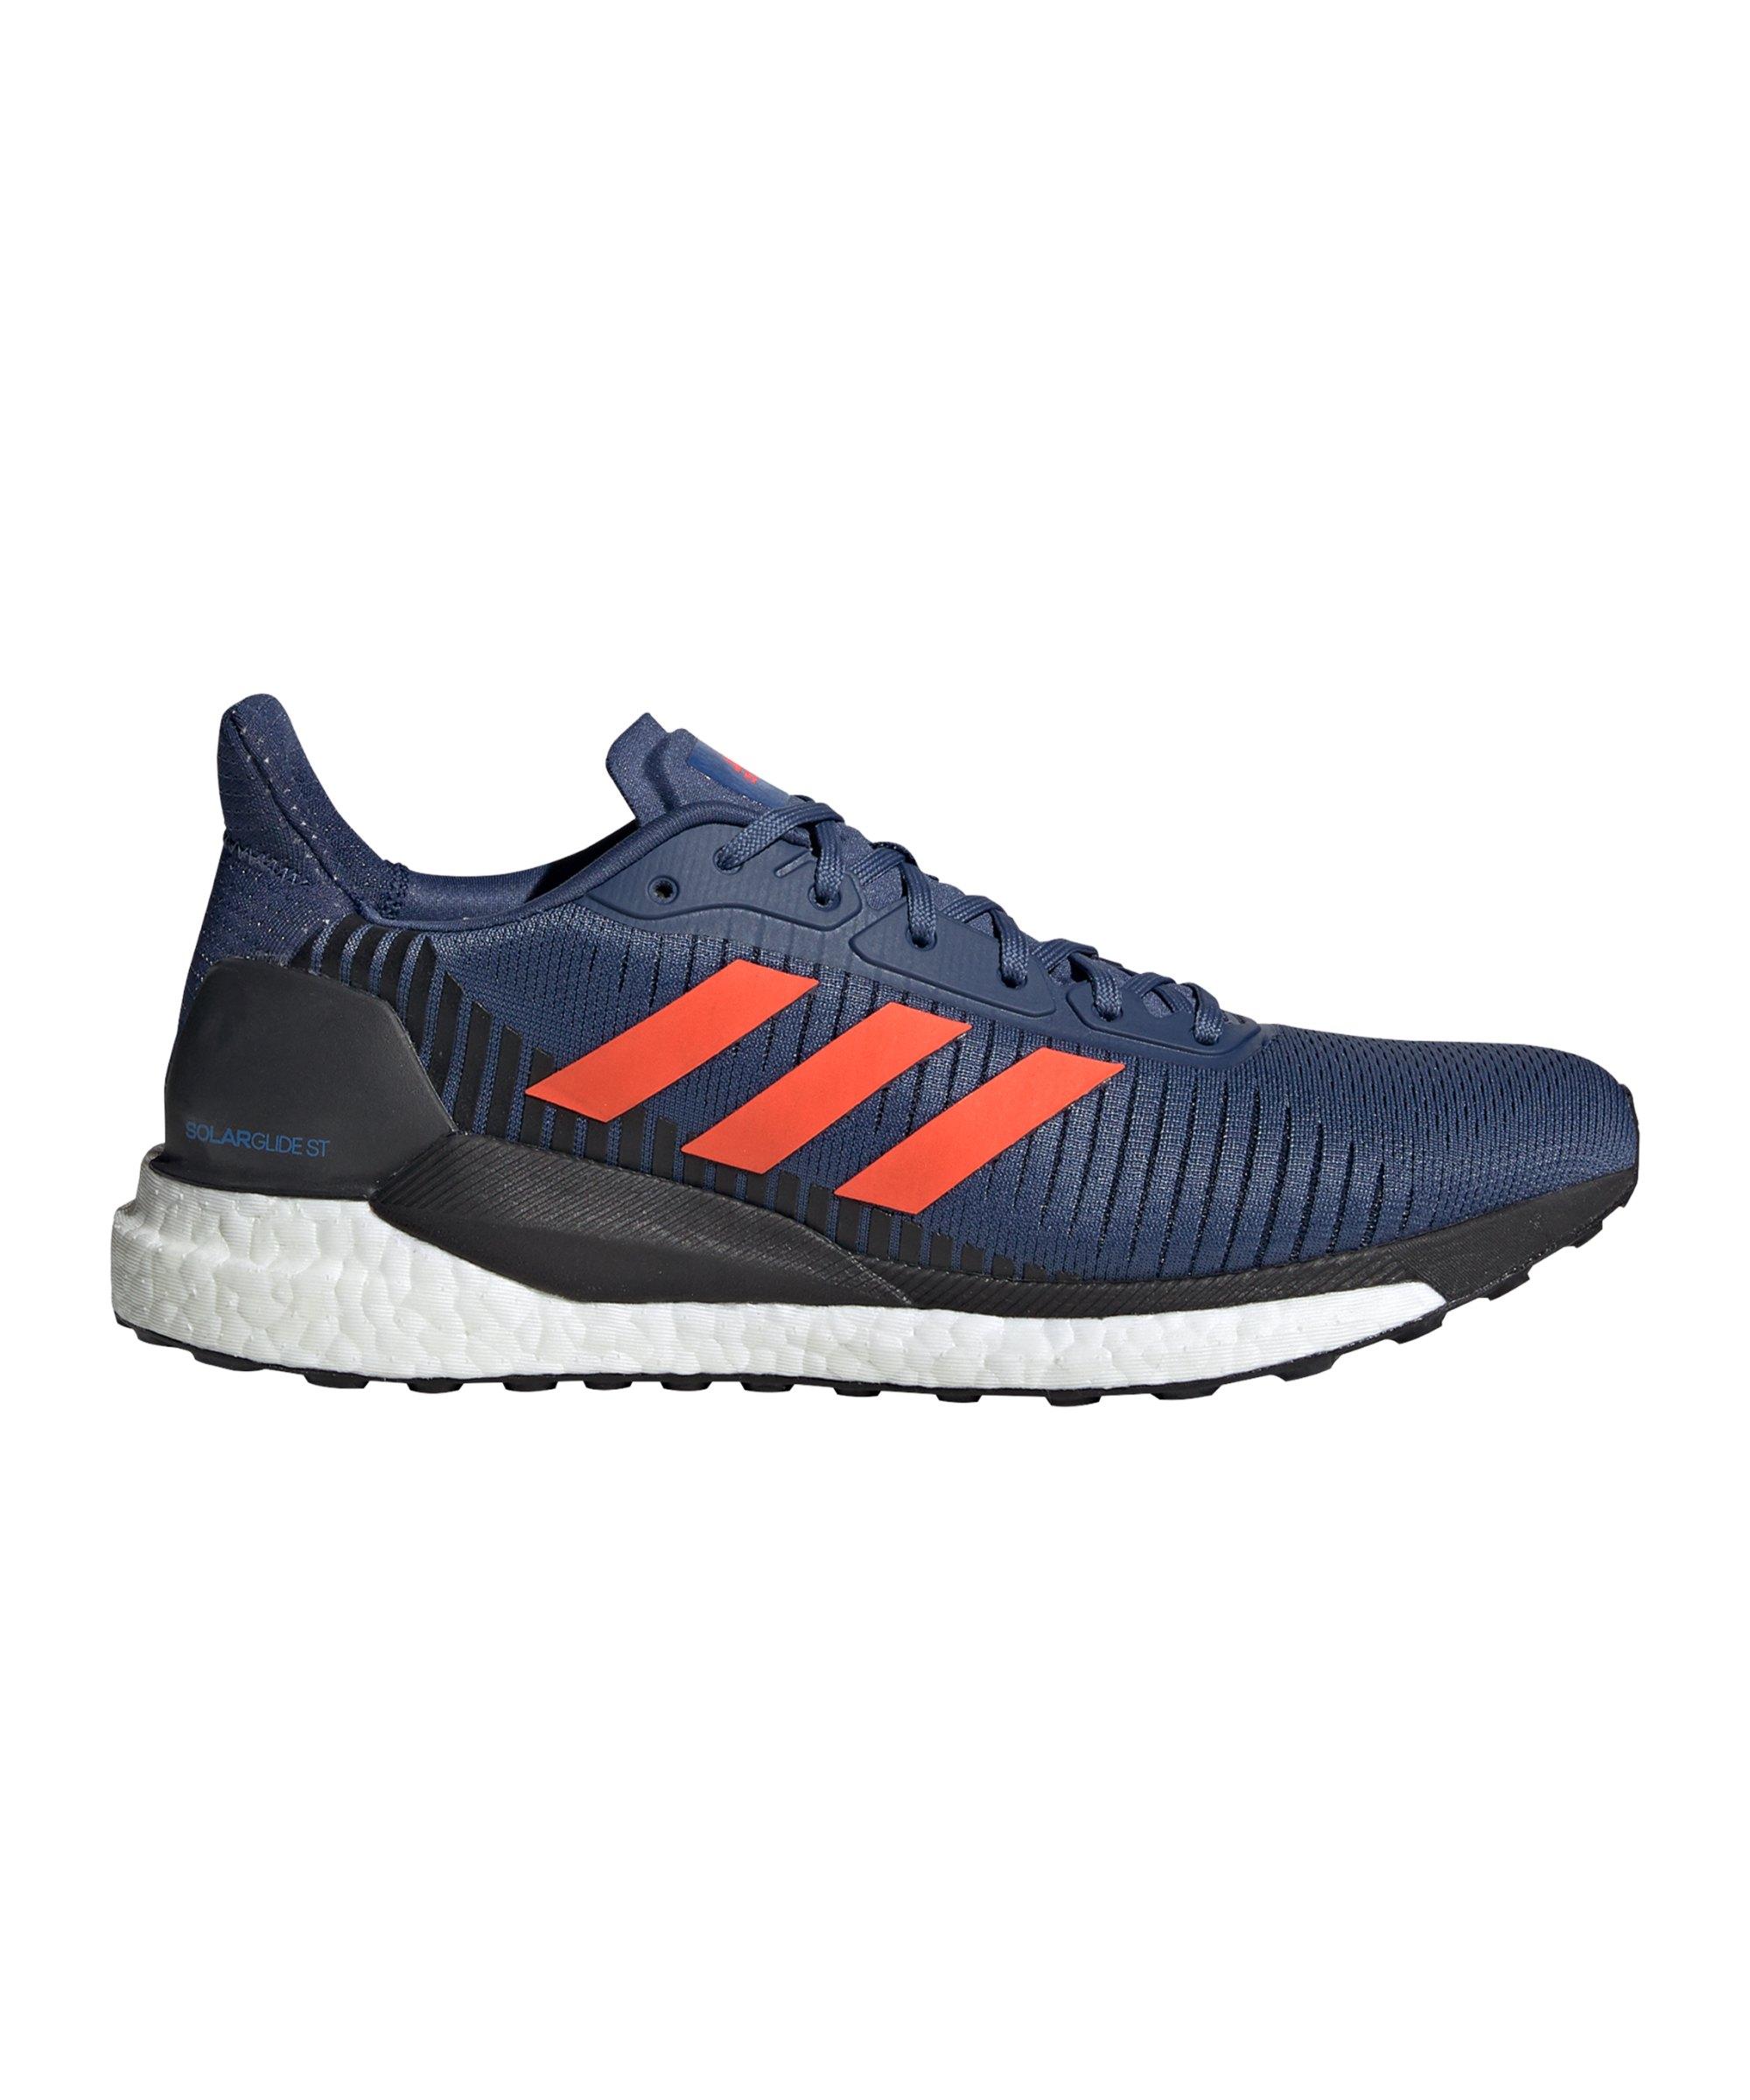 adidas Solar Glide ST 19 Running Blau Rot - blau